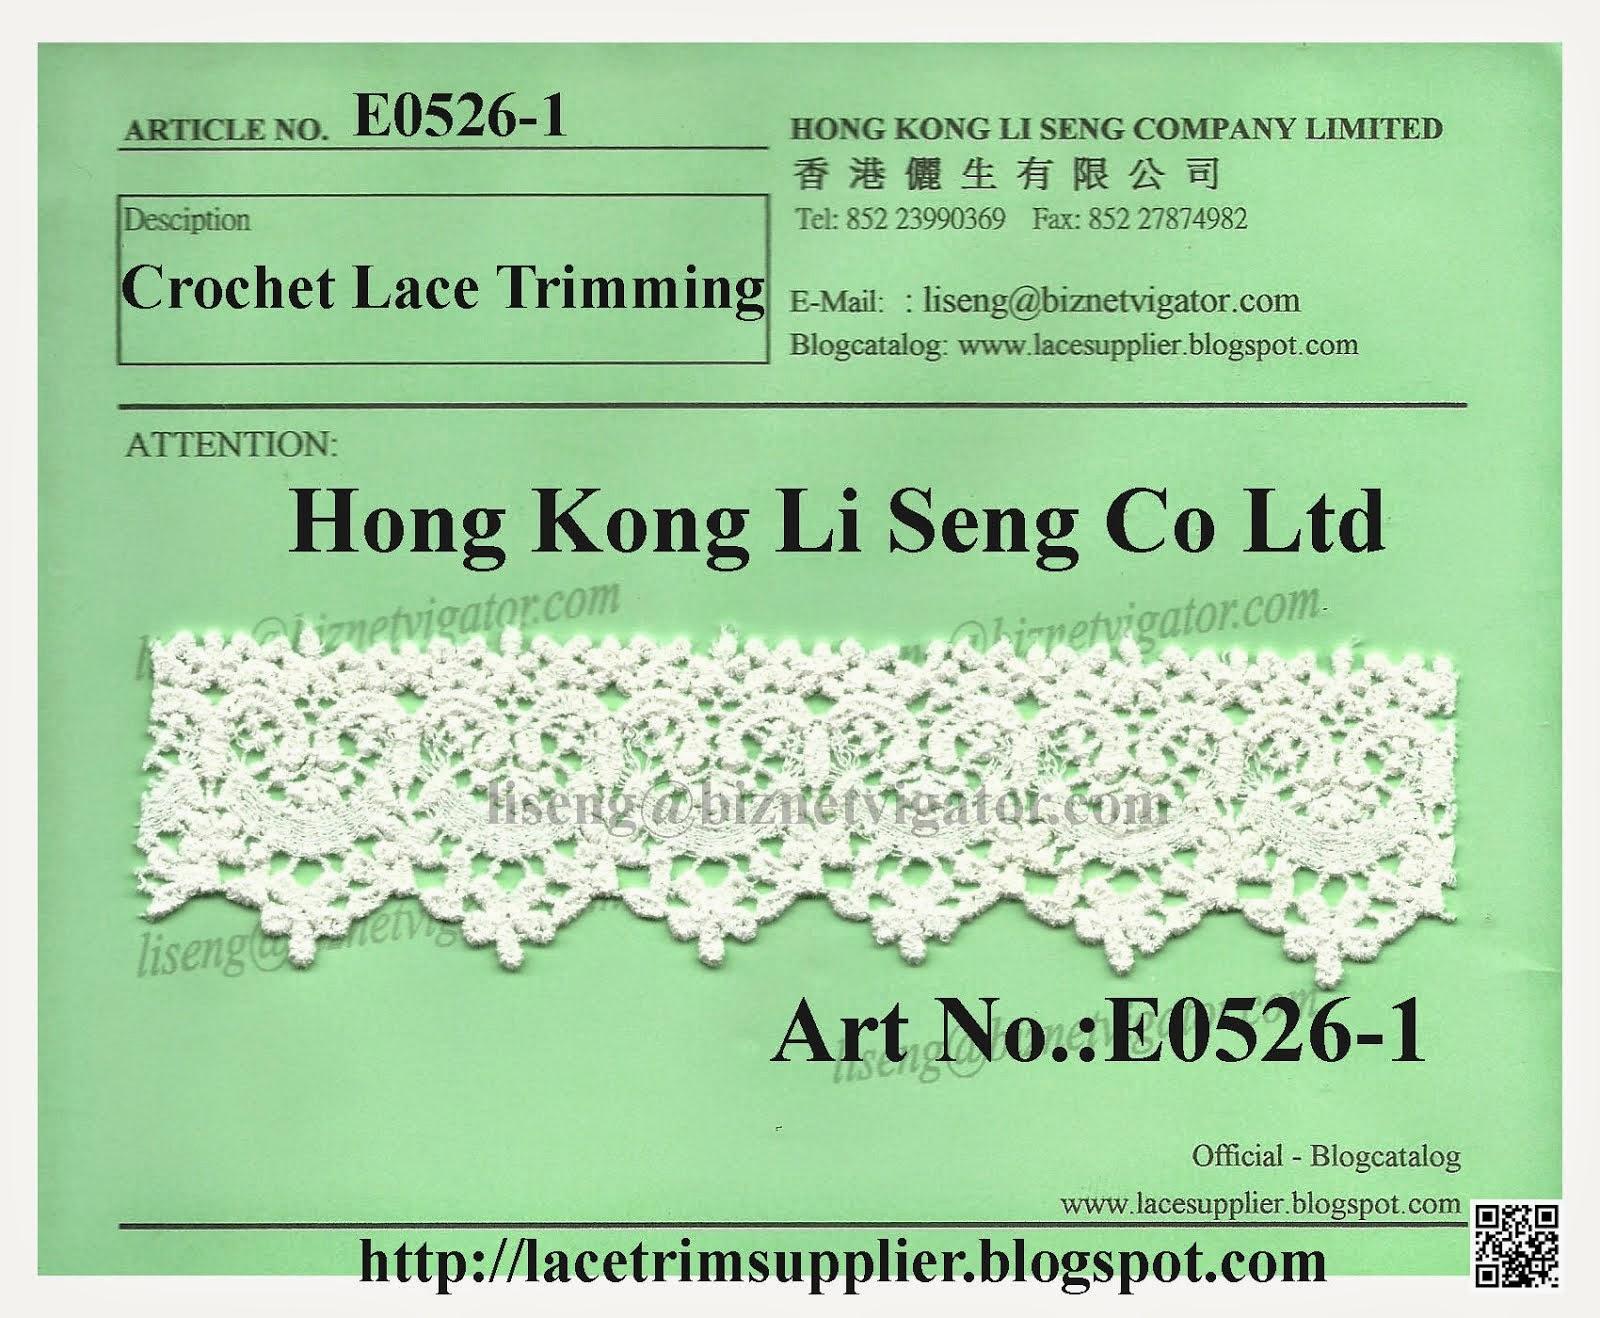 Crochet Lace Trimming Supplier - Hong Kong Li Seng Co Ltd